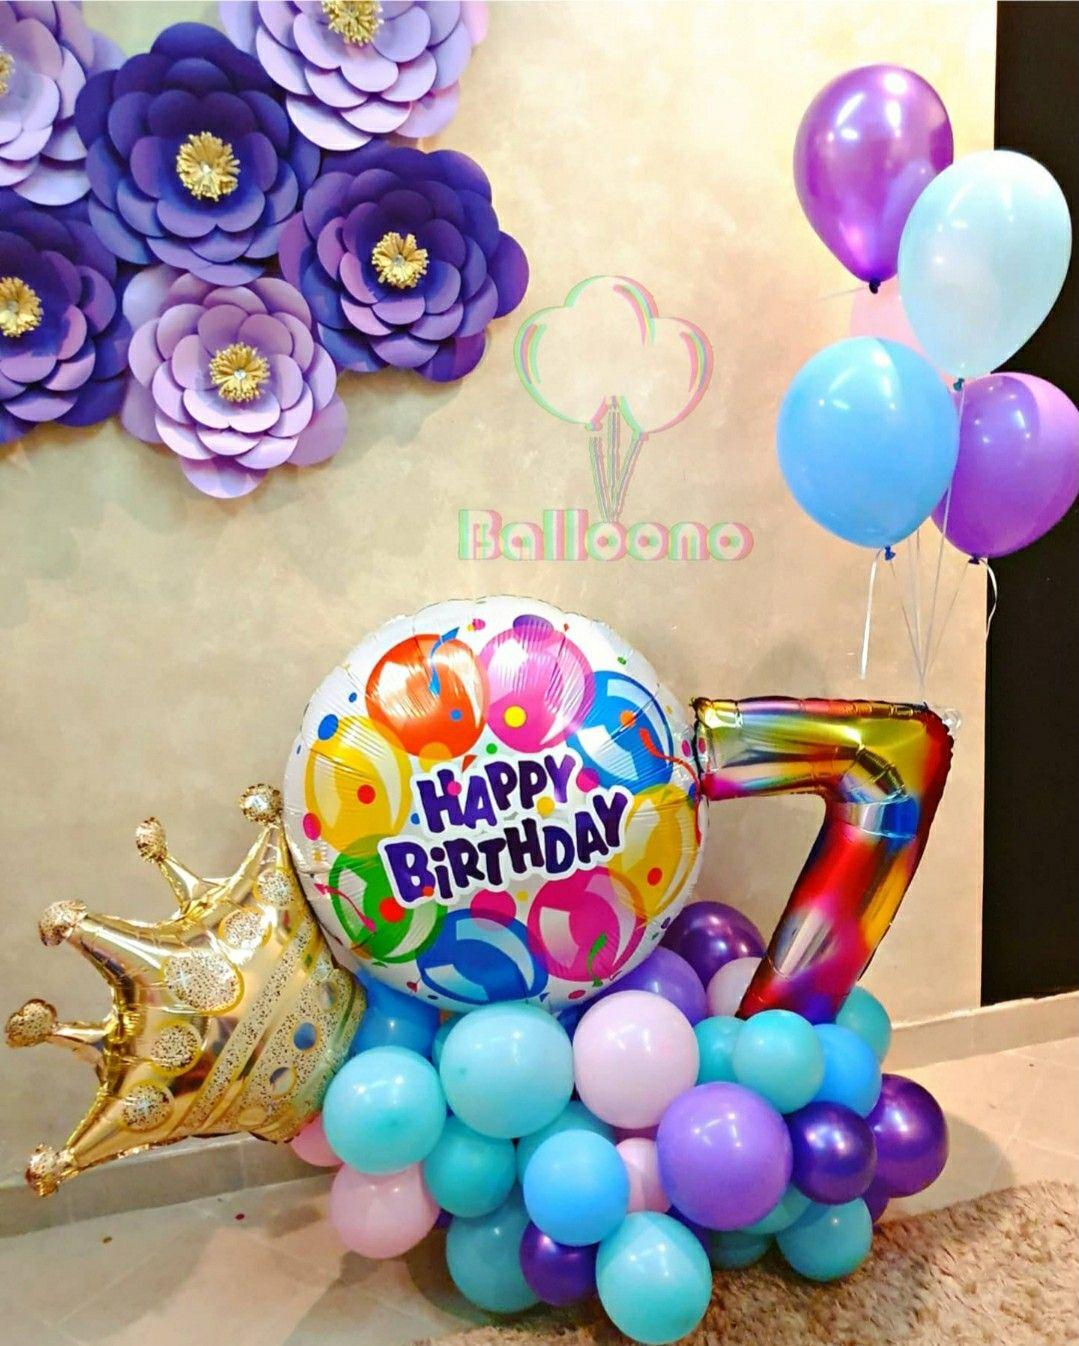 Happy Birthday Balloon Set Birthday Balloons Happy Birthday Balloons Balloons